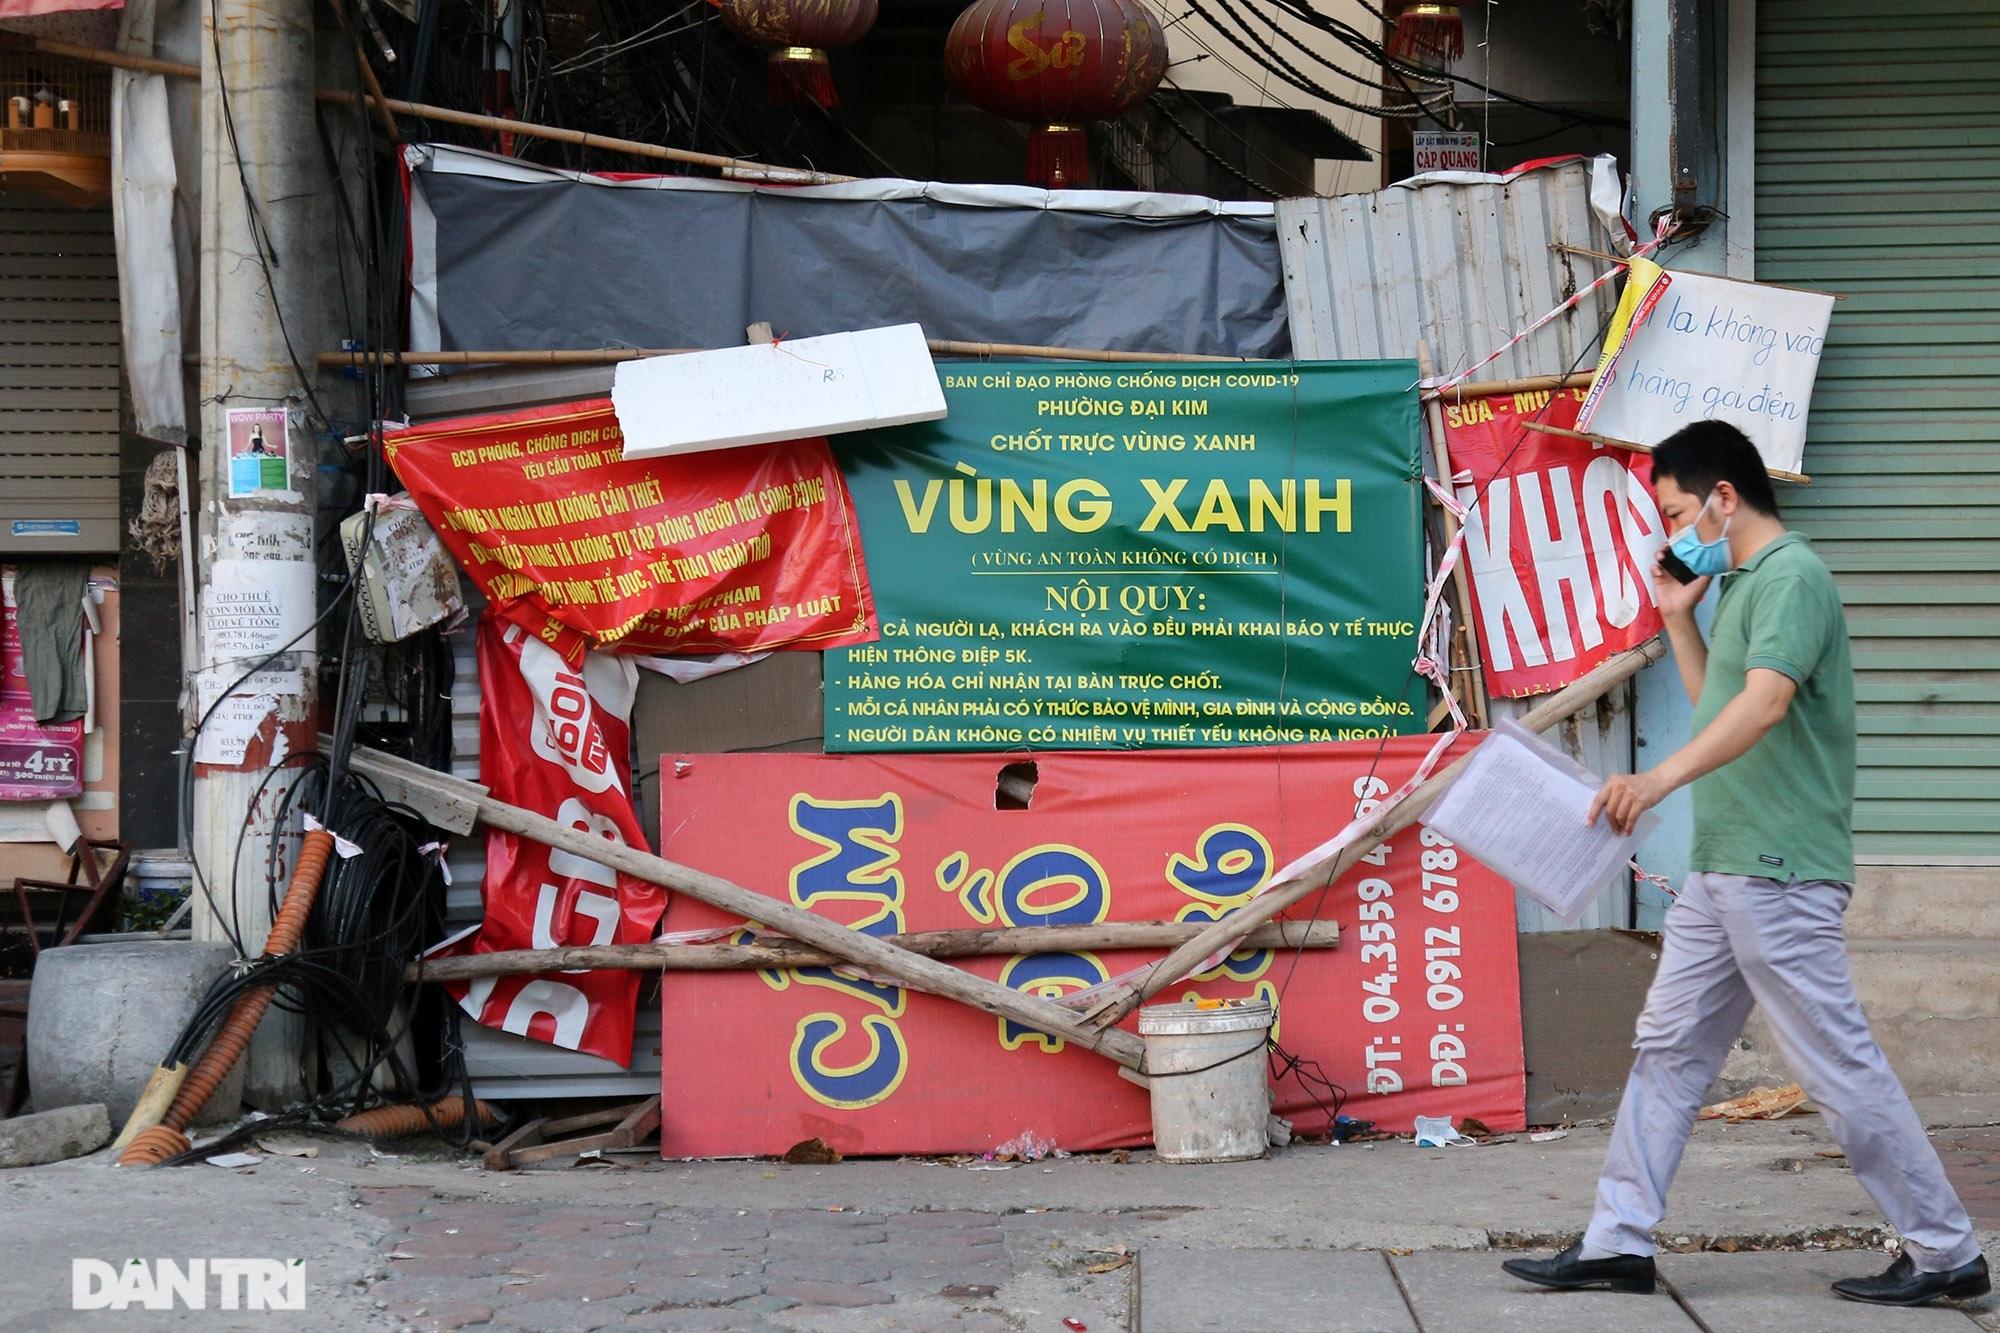 Ảnh tuần: Nghìn người xếp hàng tiêm ở Cung, bộ đội dầm mưa bão giúp dân - 2